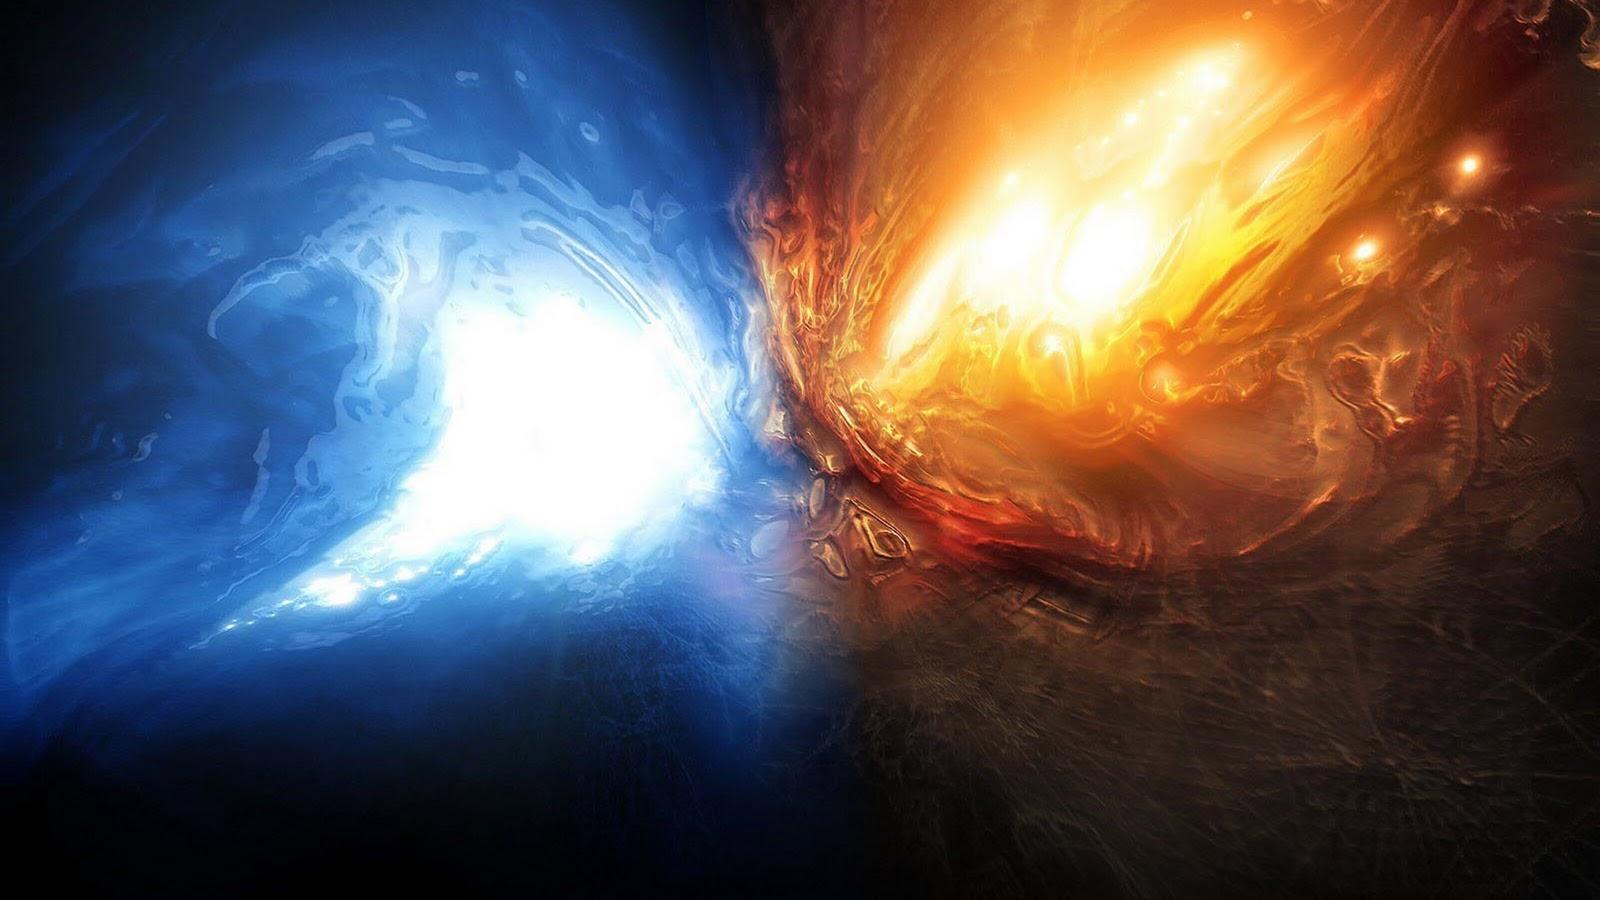 Ligação do céu com a Terra, Fogo e Aguá